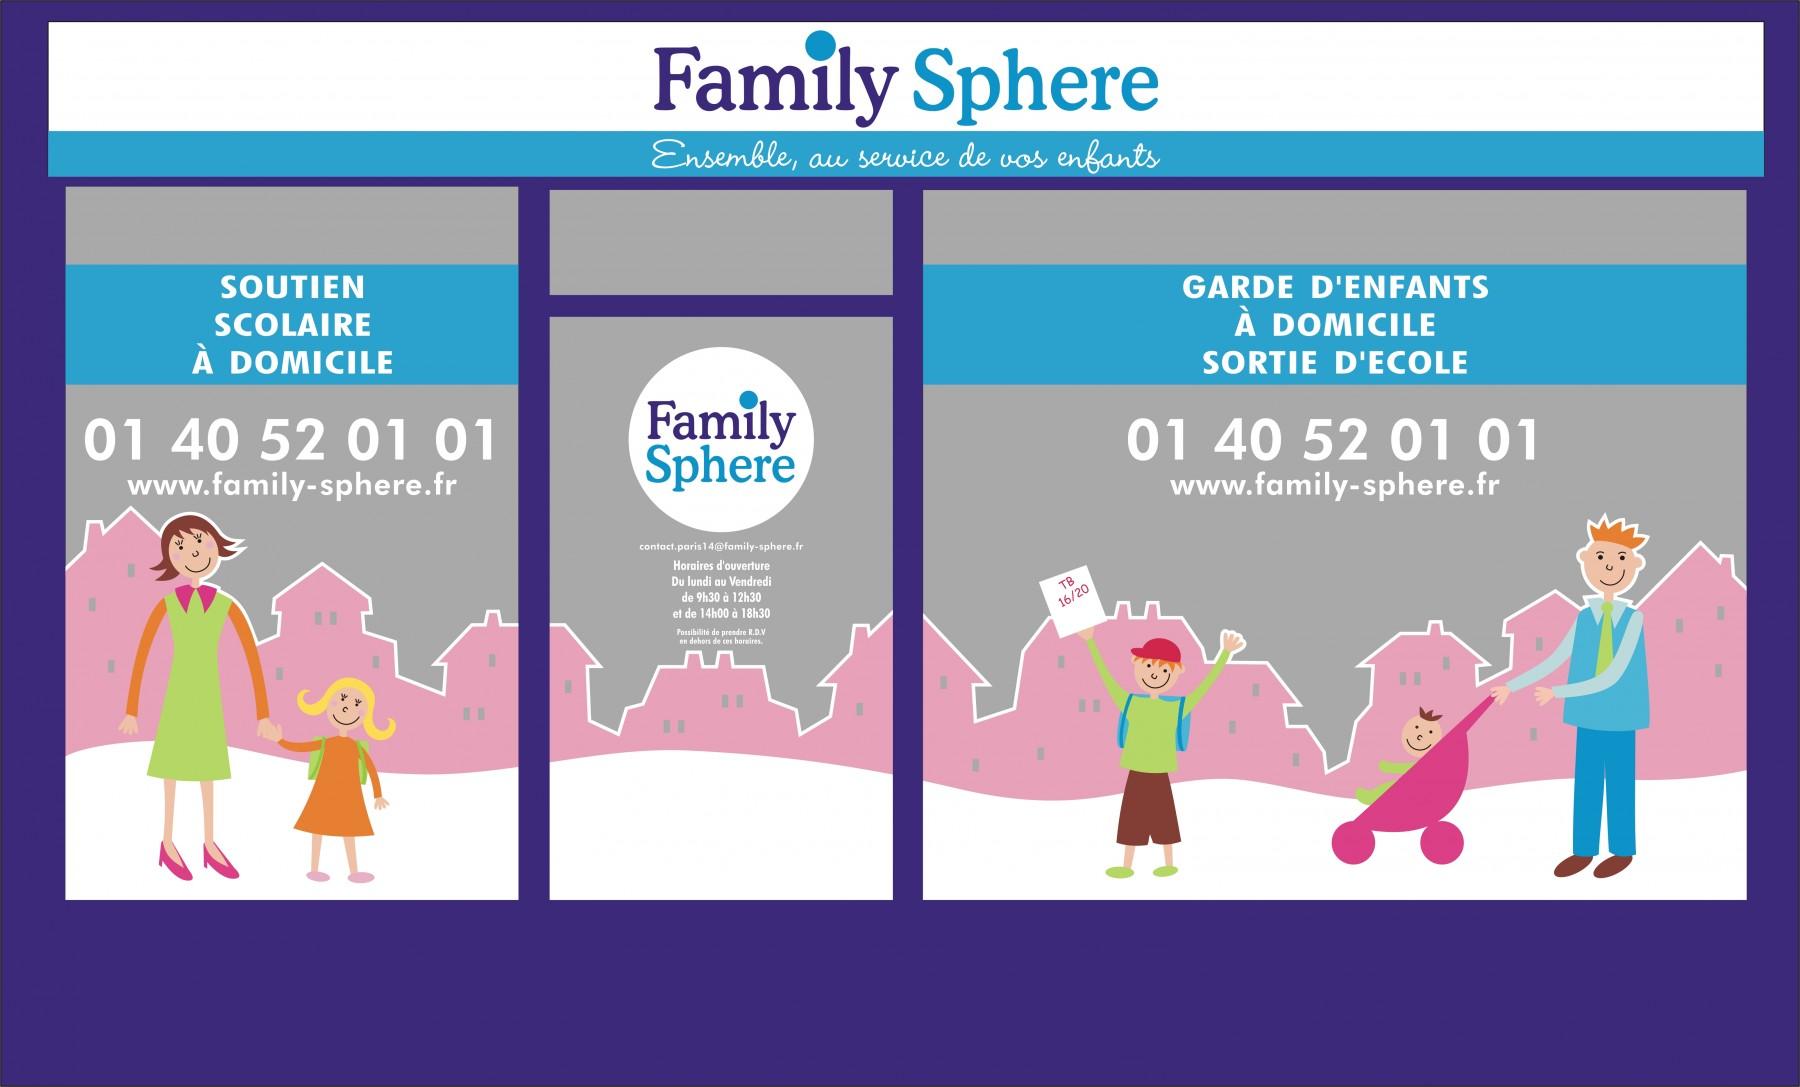 agence paris 14 me family sphere le sp cialiste de la garde d 39 enfants domicile. Black Bedroom Furniture Sets. Home Design Ideas